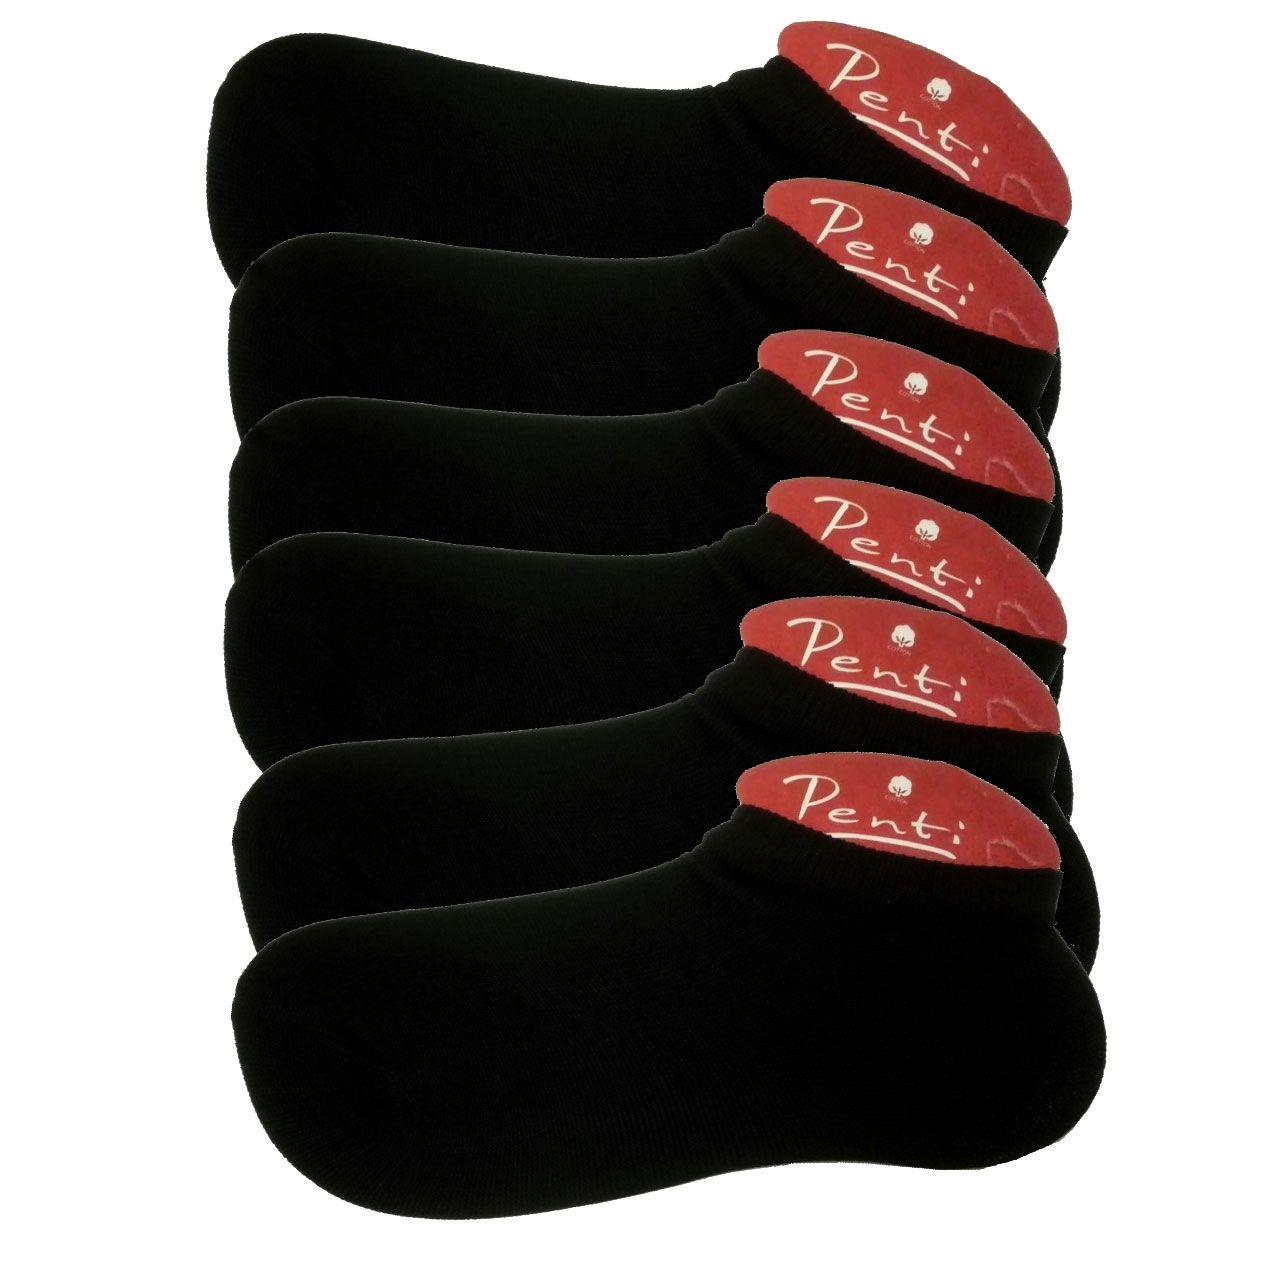 جوراب زنانه پنتی کد 901 بسته 6 عددی -  - 2